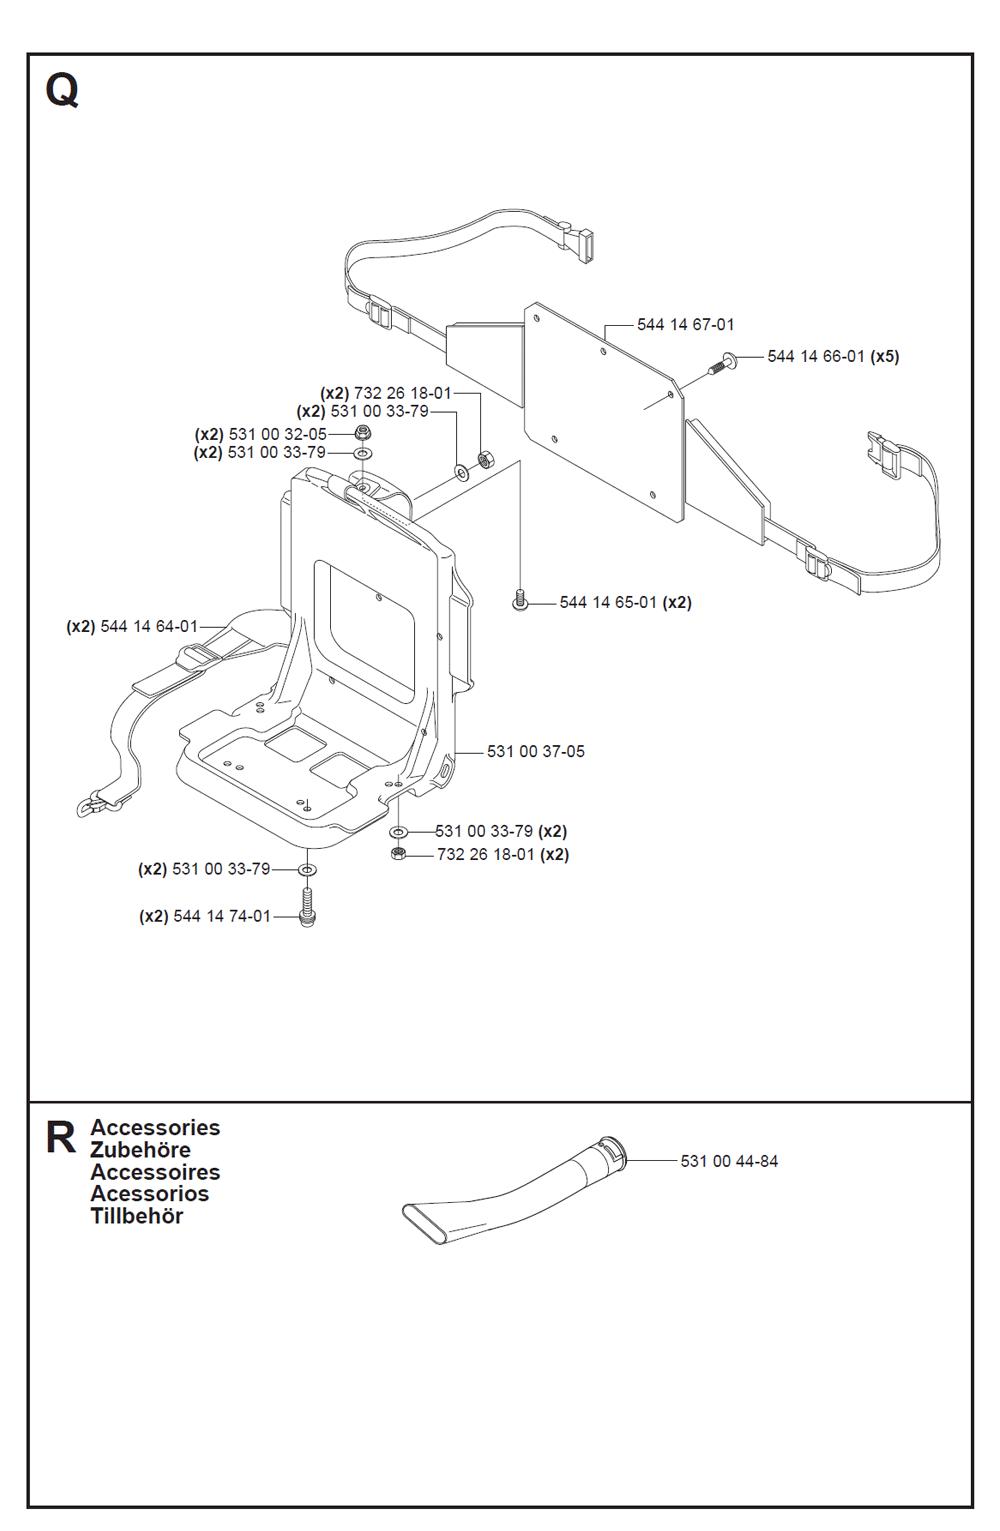 145BT-T1-Husqvarna-PB-6Break Down